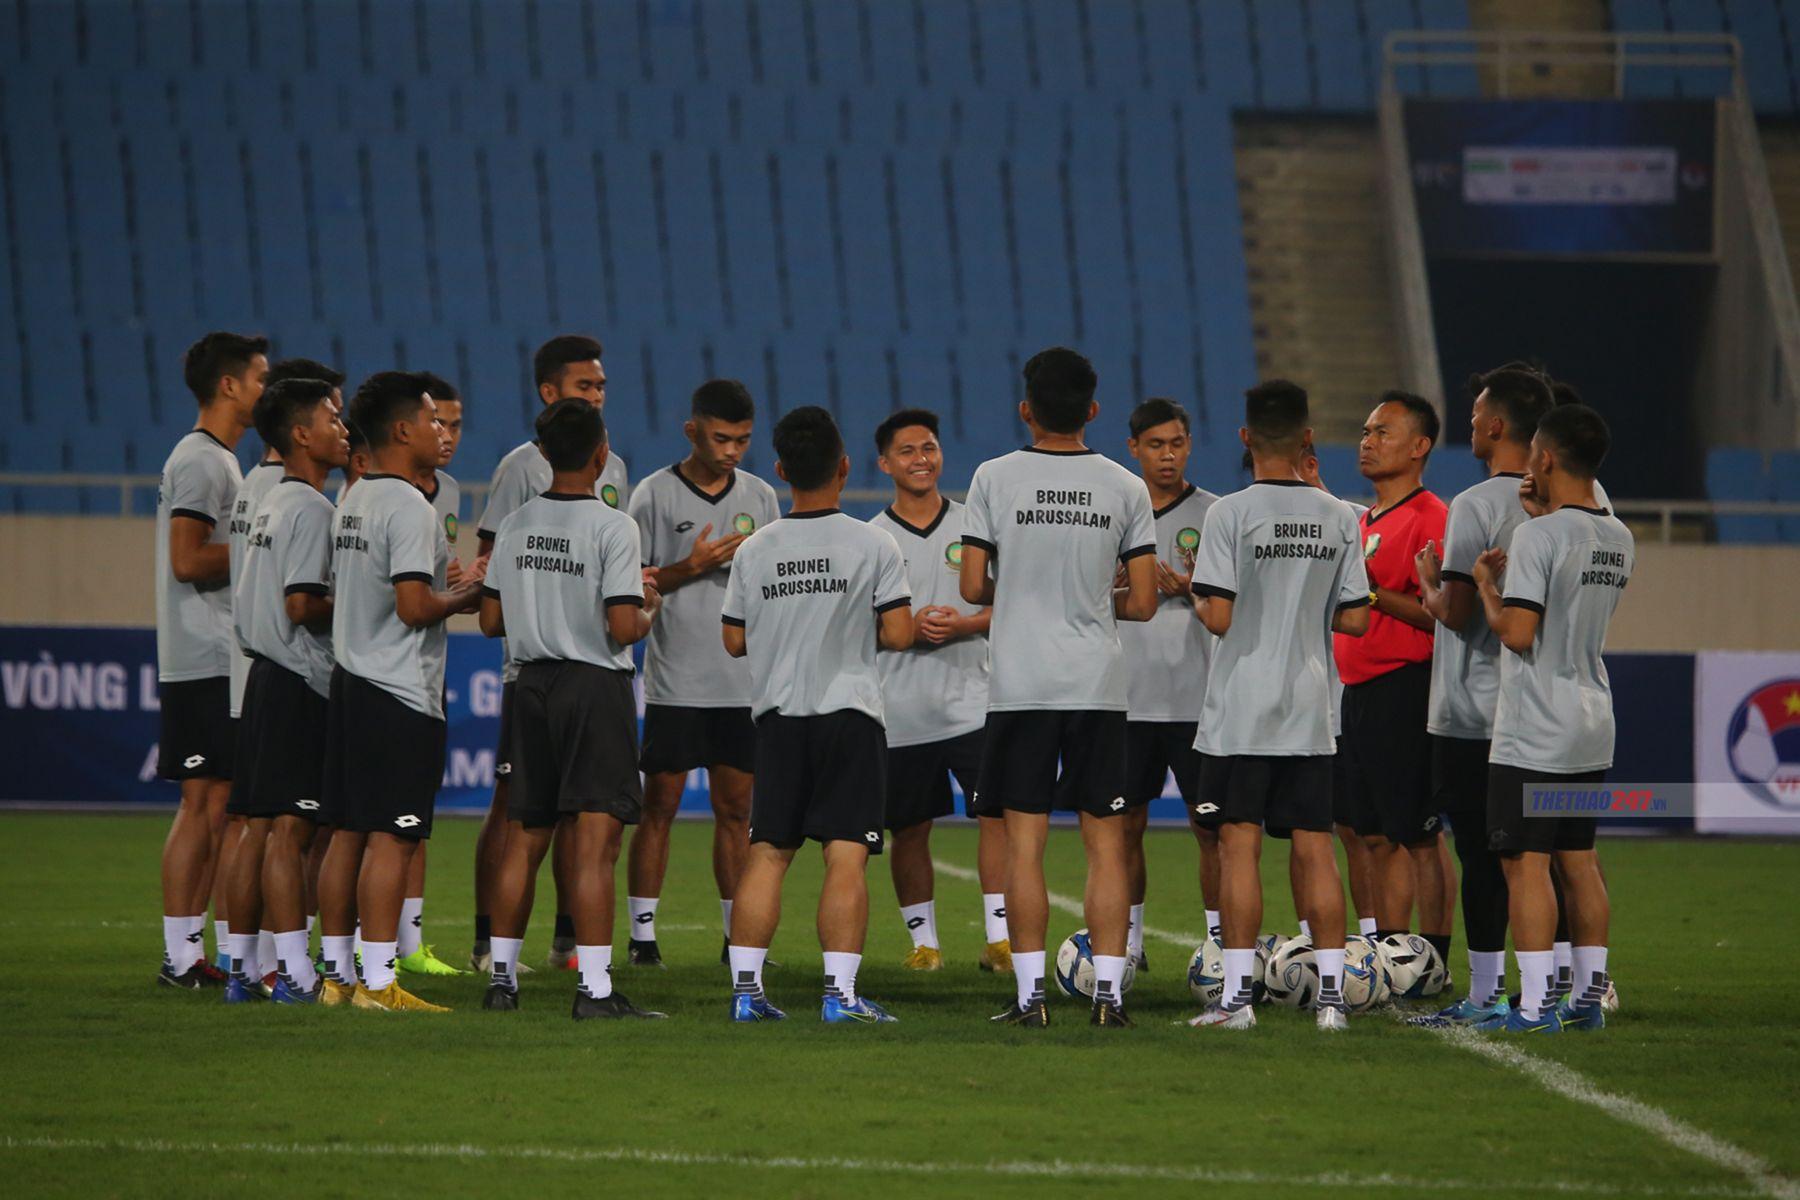 Đội tuyển U23 Brunei cầu nguyện trước trận gặp Việt Nam